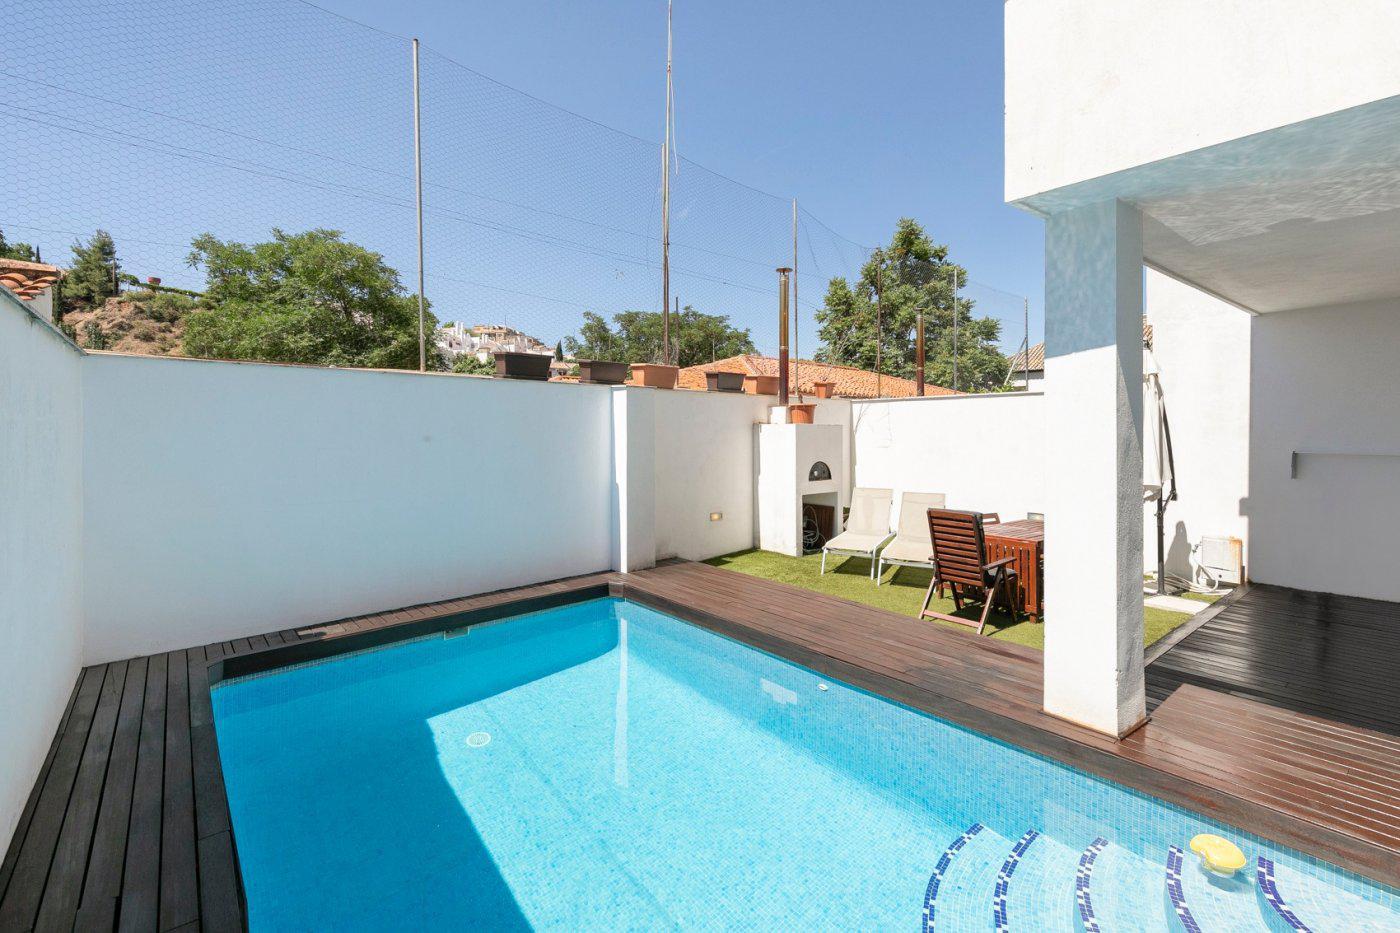 Imagen 2 Casa Pareada en venta en Granada / Junto Paseo de la Bomba